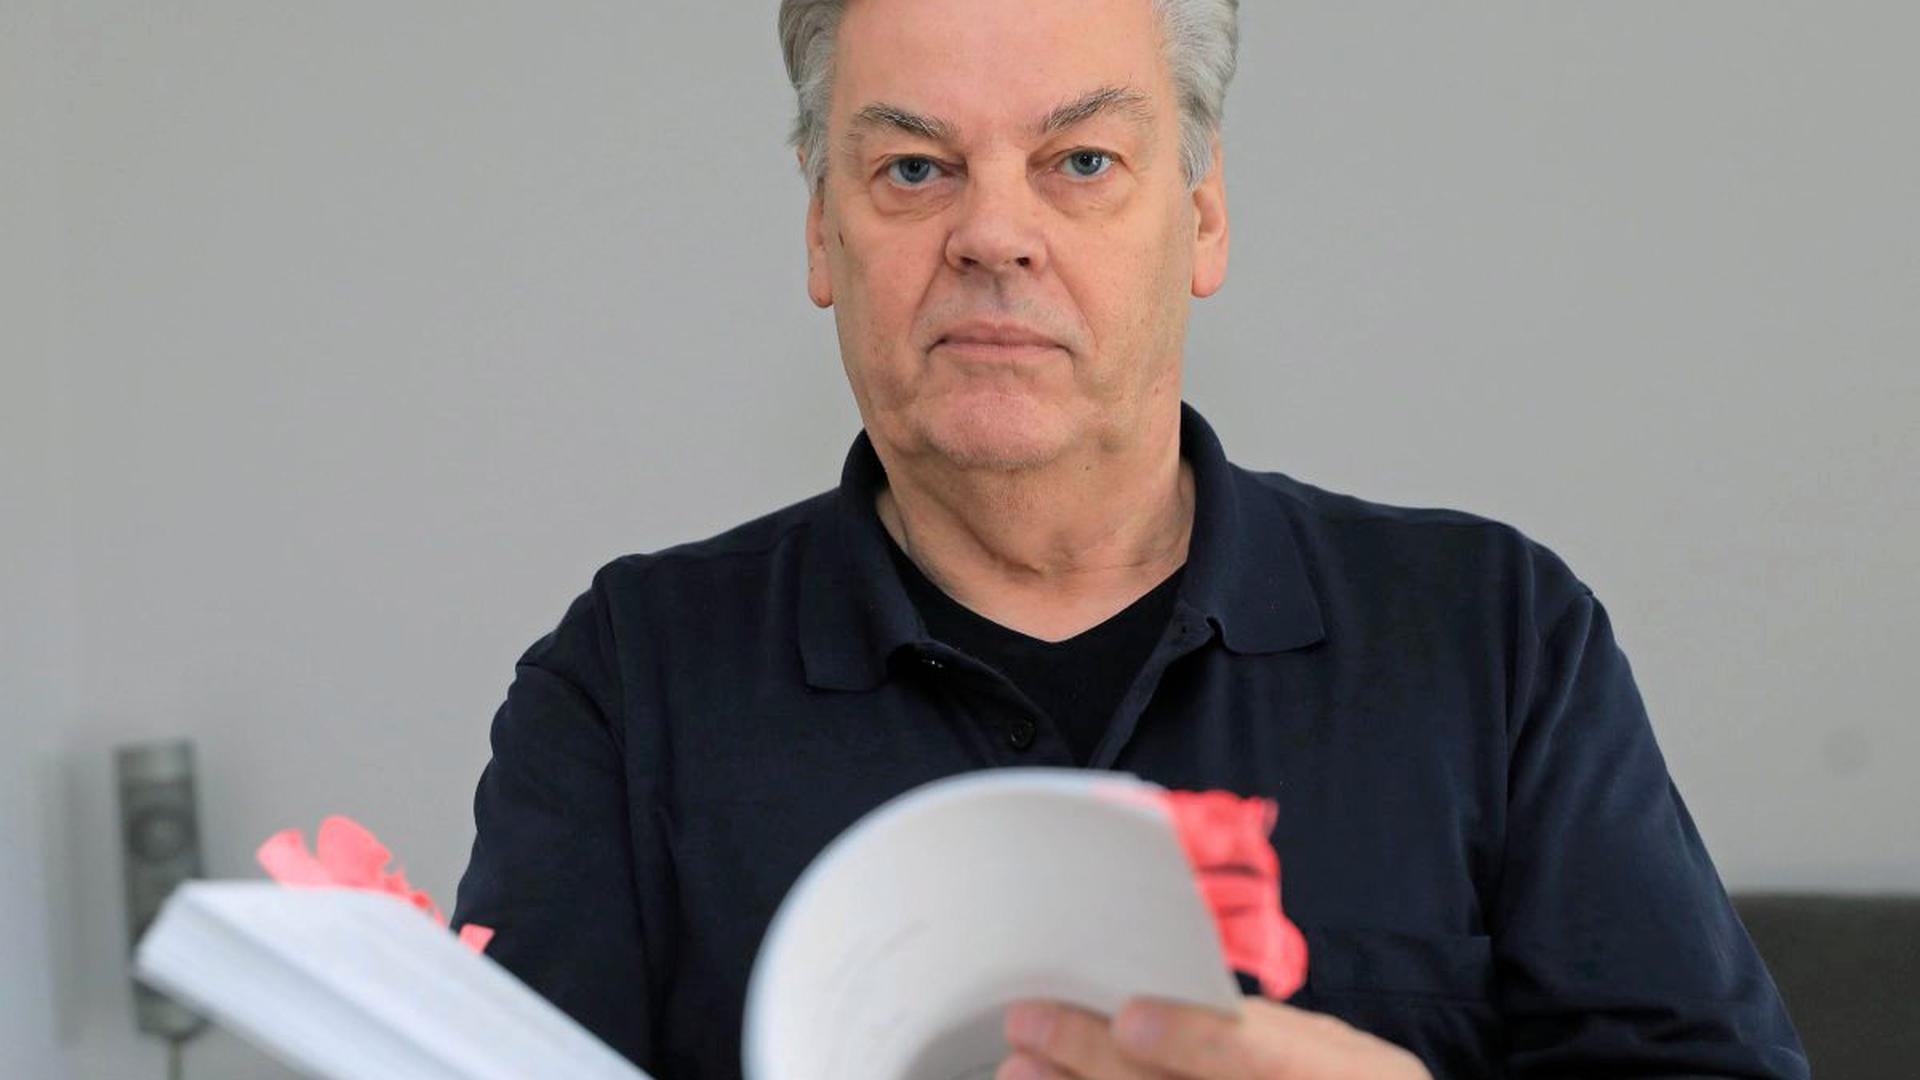 Emil Stark leitete die Ermittlungen bei der Suche nach der vermissten Vietnamesin